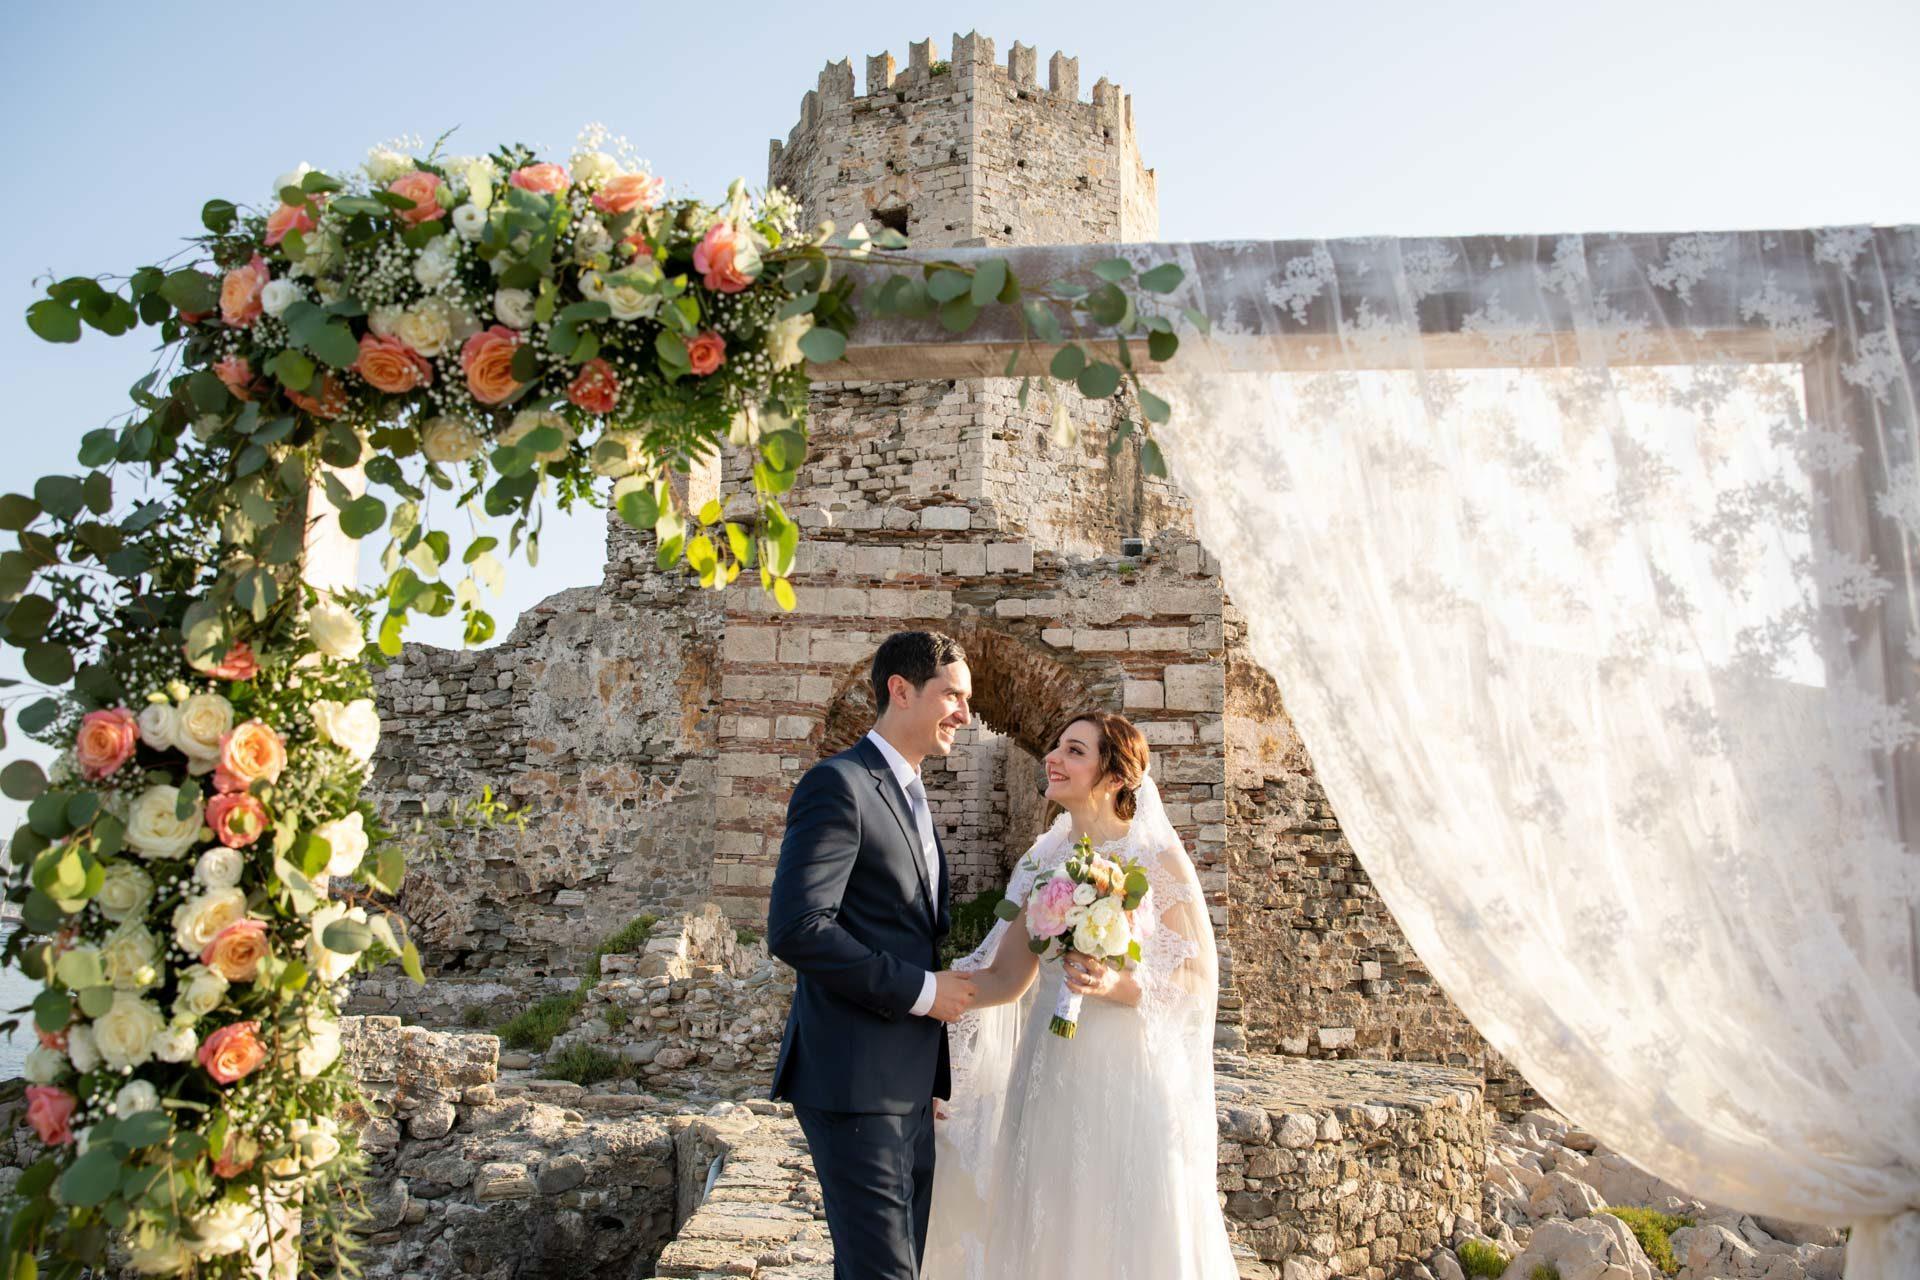 Φωτογράφιση Γάμου στη Μεθώνη | Αλεξανδράκης Δημήτρης